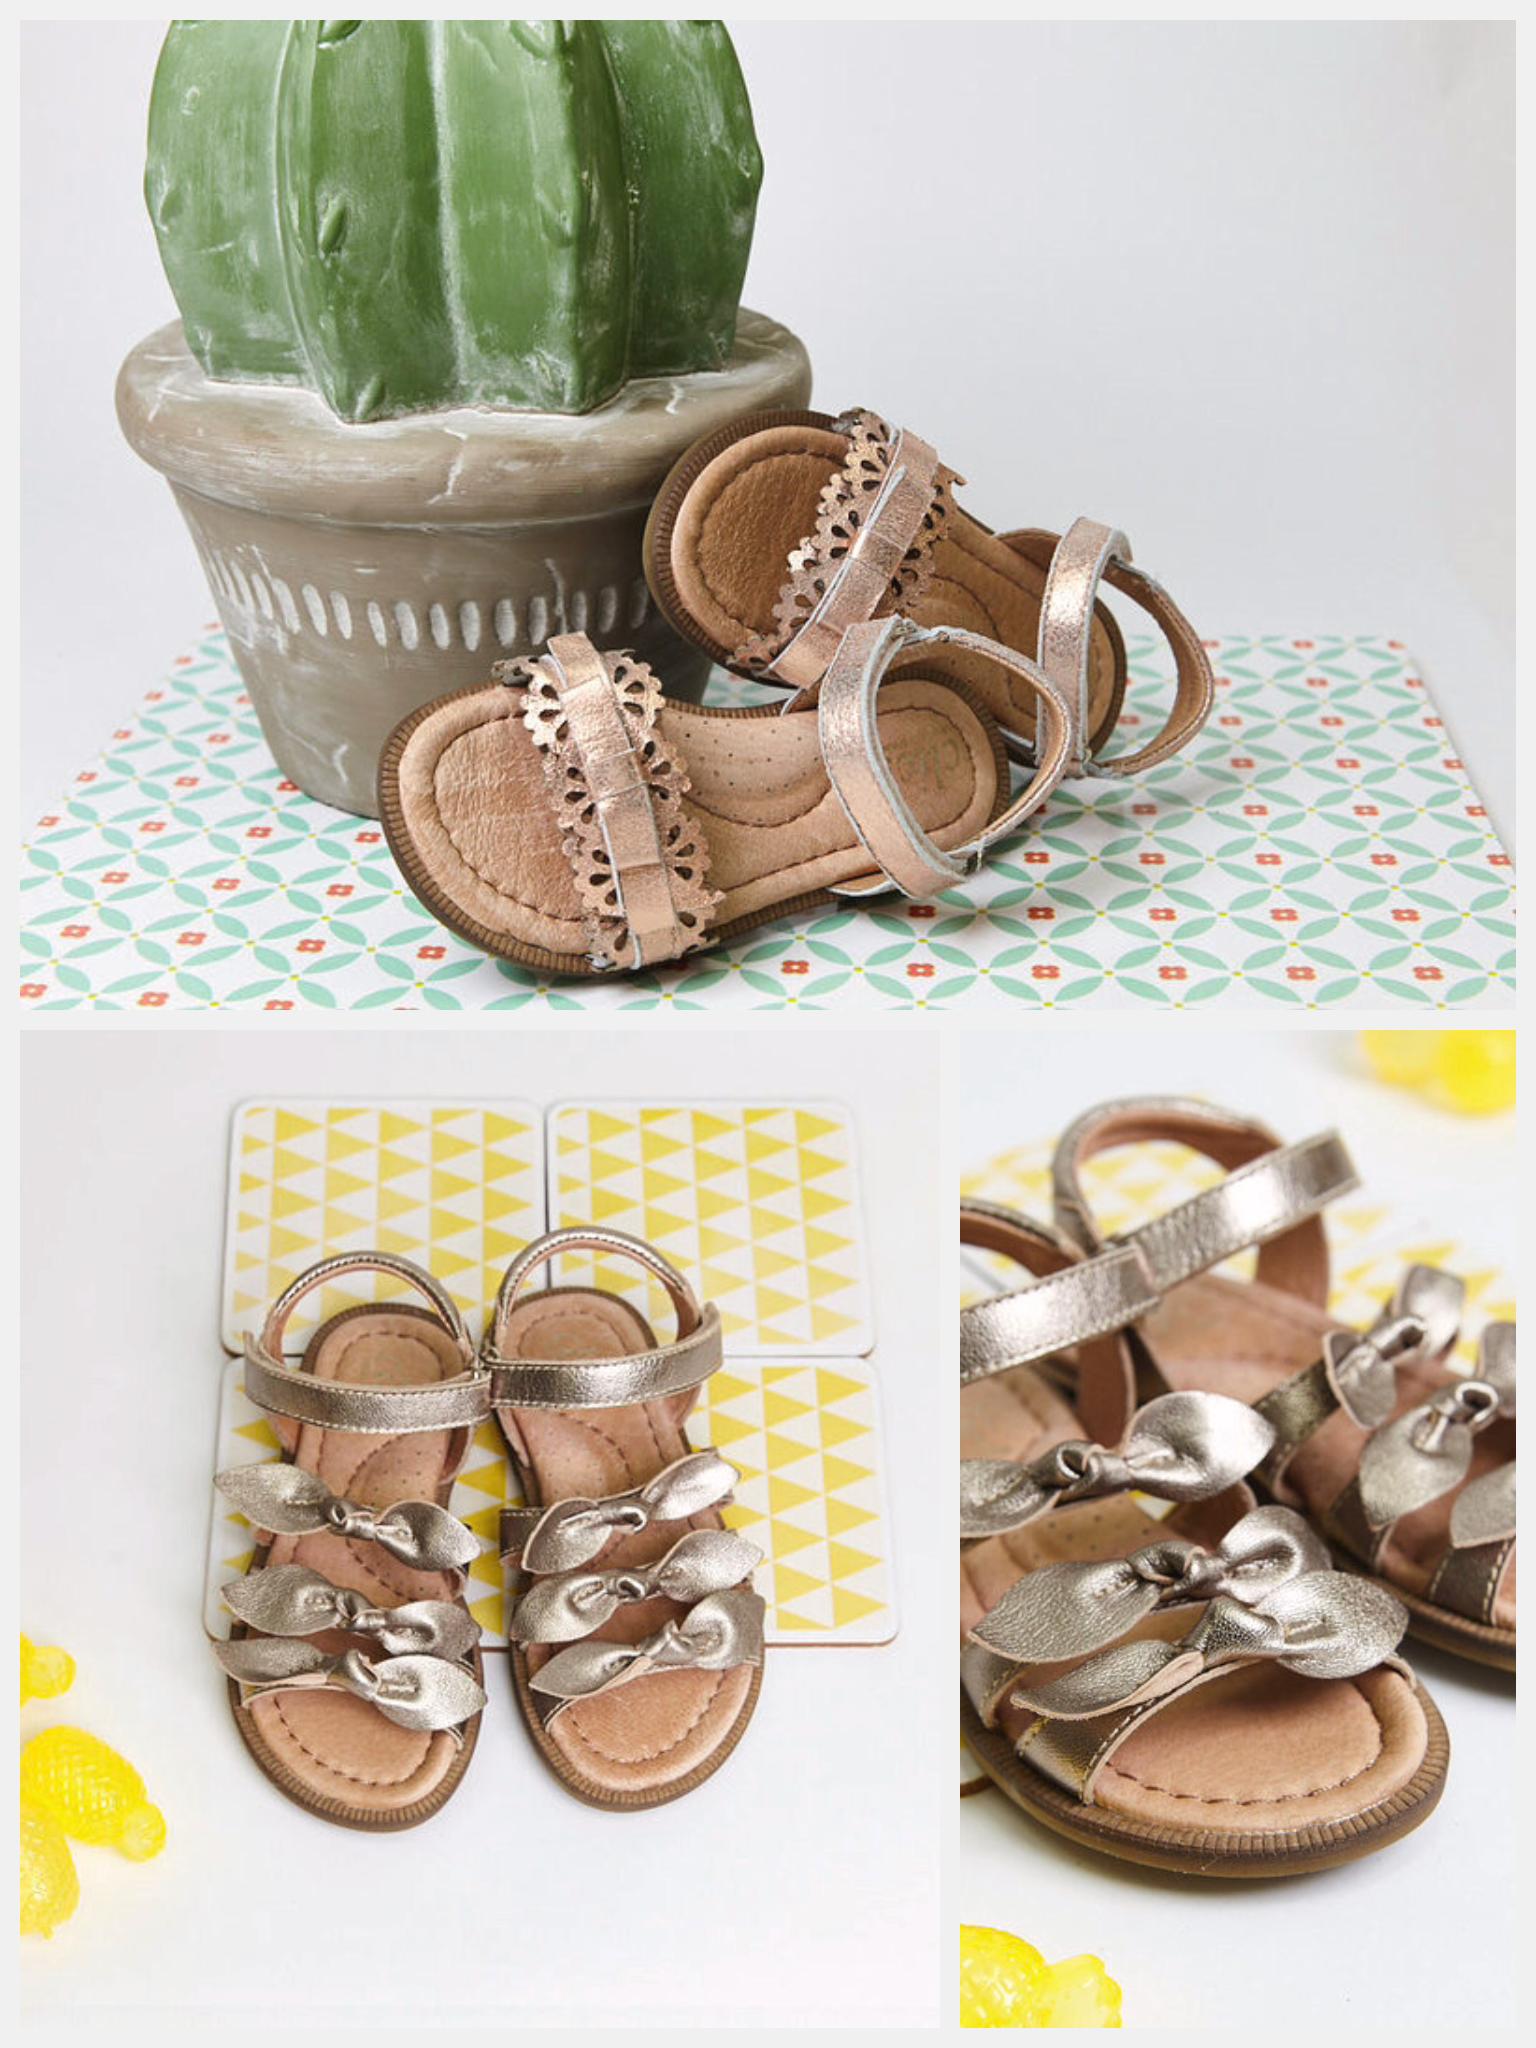 Sandalias para niña con acabado metalizados y colores que